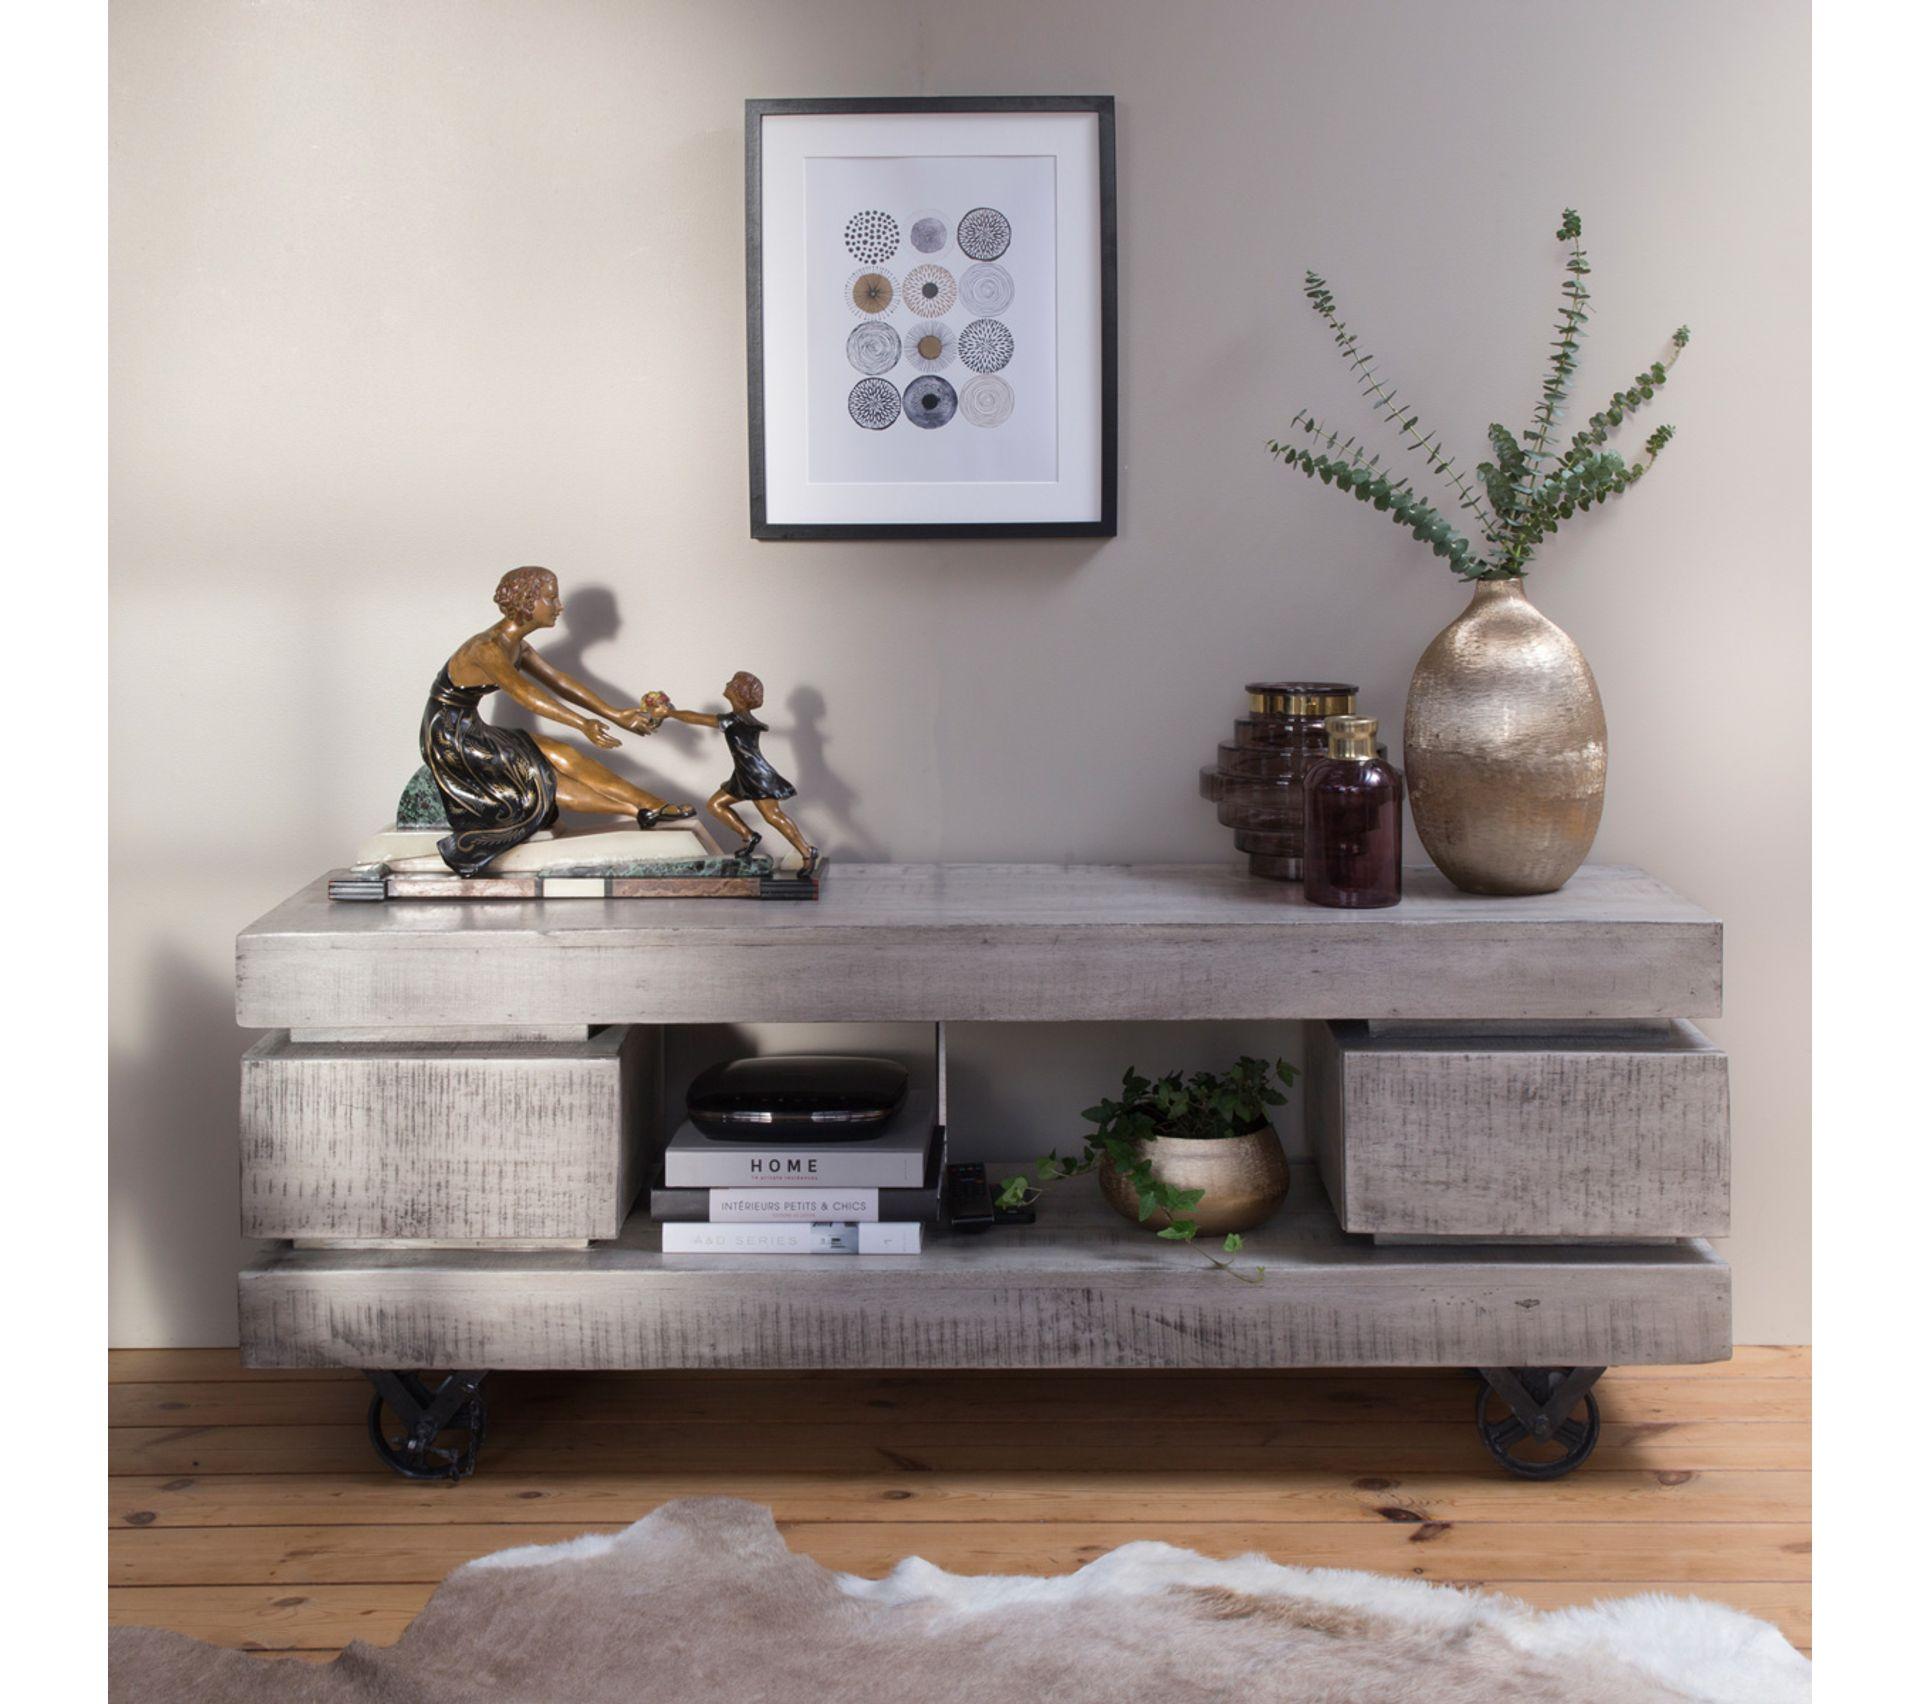 Mettre Des Roulettes Sous Une Table meuble tv À roulettes 2 tiroirs 1 niche bois et métal finition gris blanc